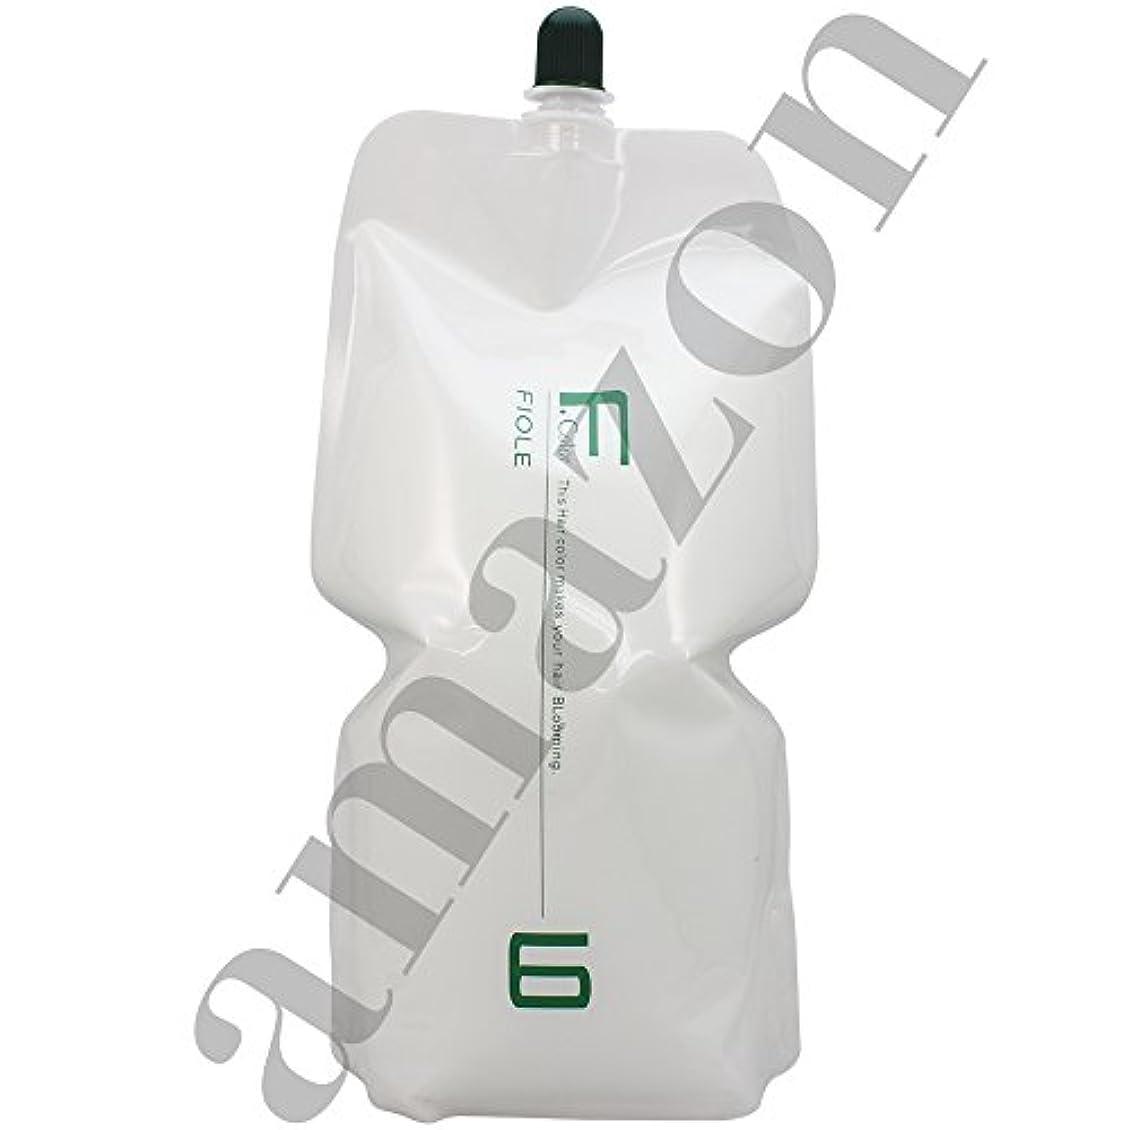 生き残りハドル炭水化物フィヨーレ BLカラー OX 2000ml 染毛補助剤 第2剤 パウチ (OX6%)